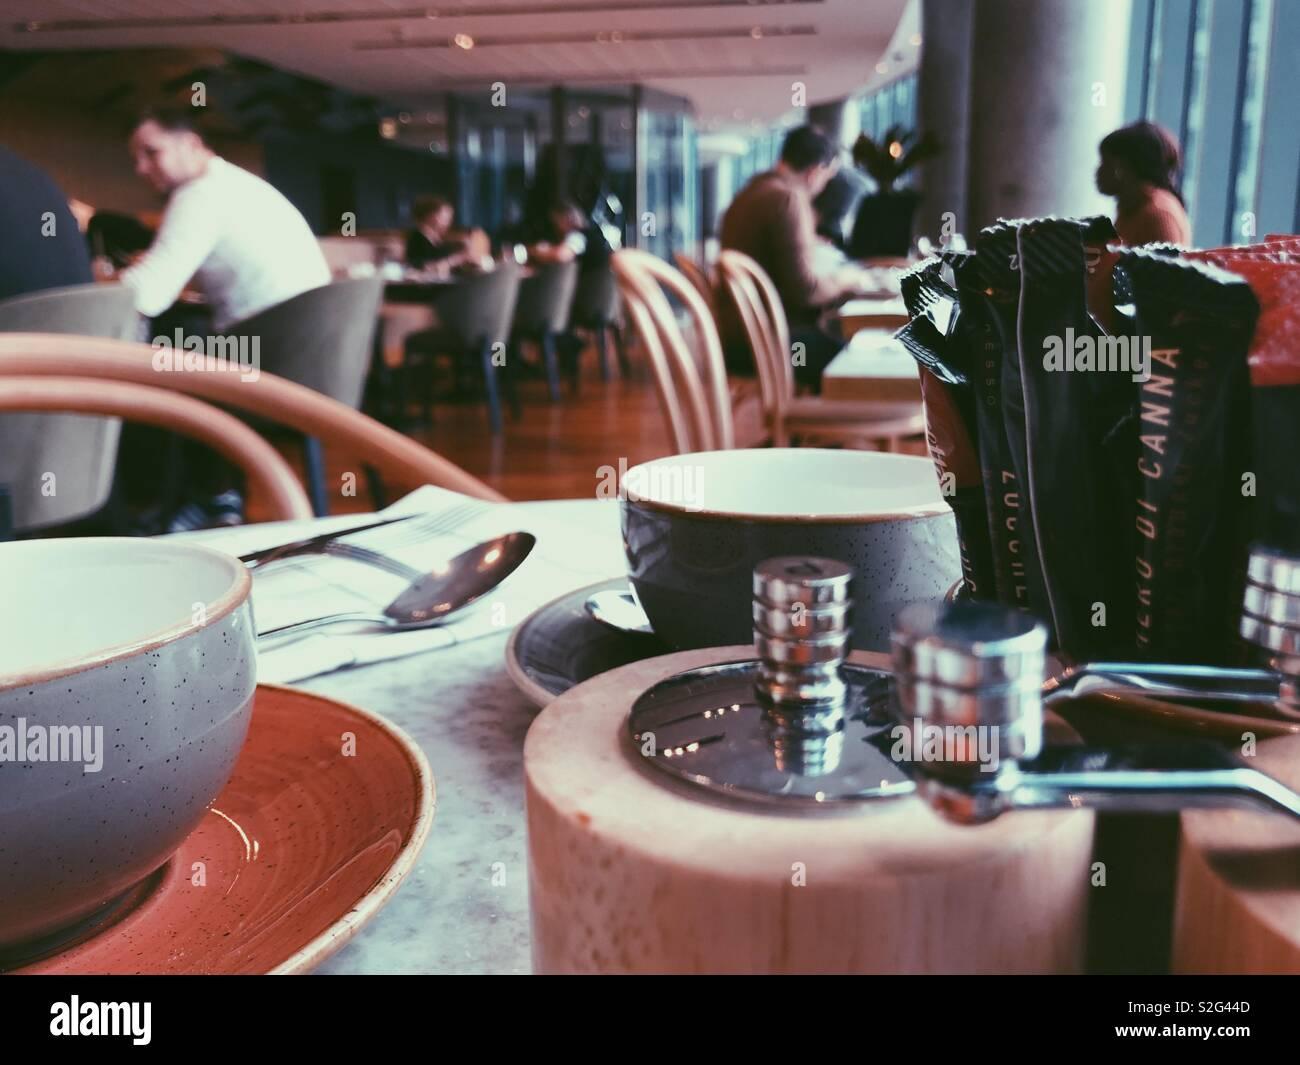 Vista dalla tabella delle persone sedute a pausa buffet di tabelle in un tipico hotel regno unito. Foto Stock